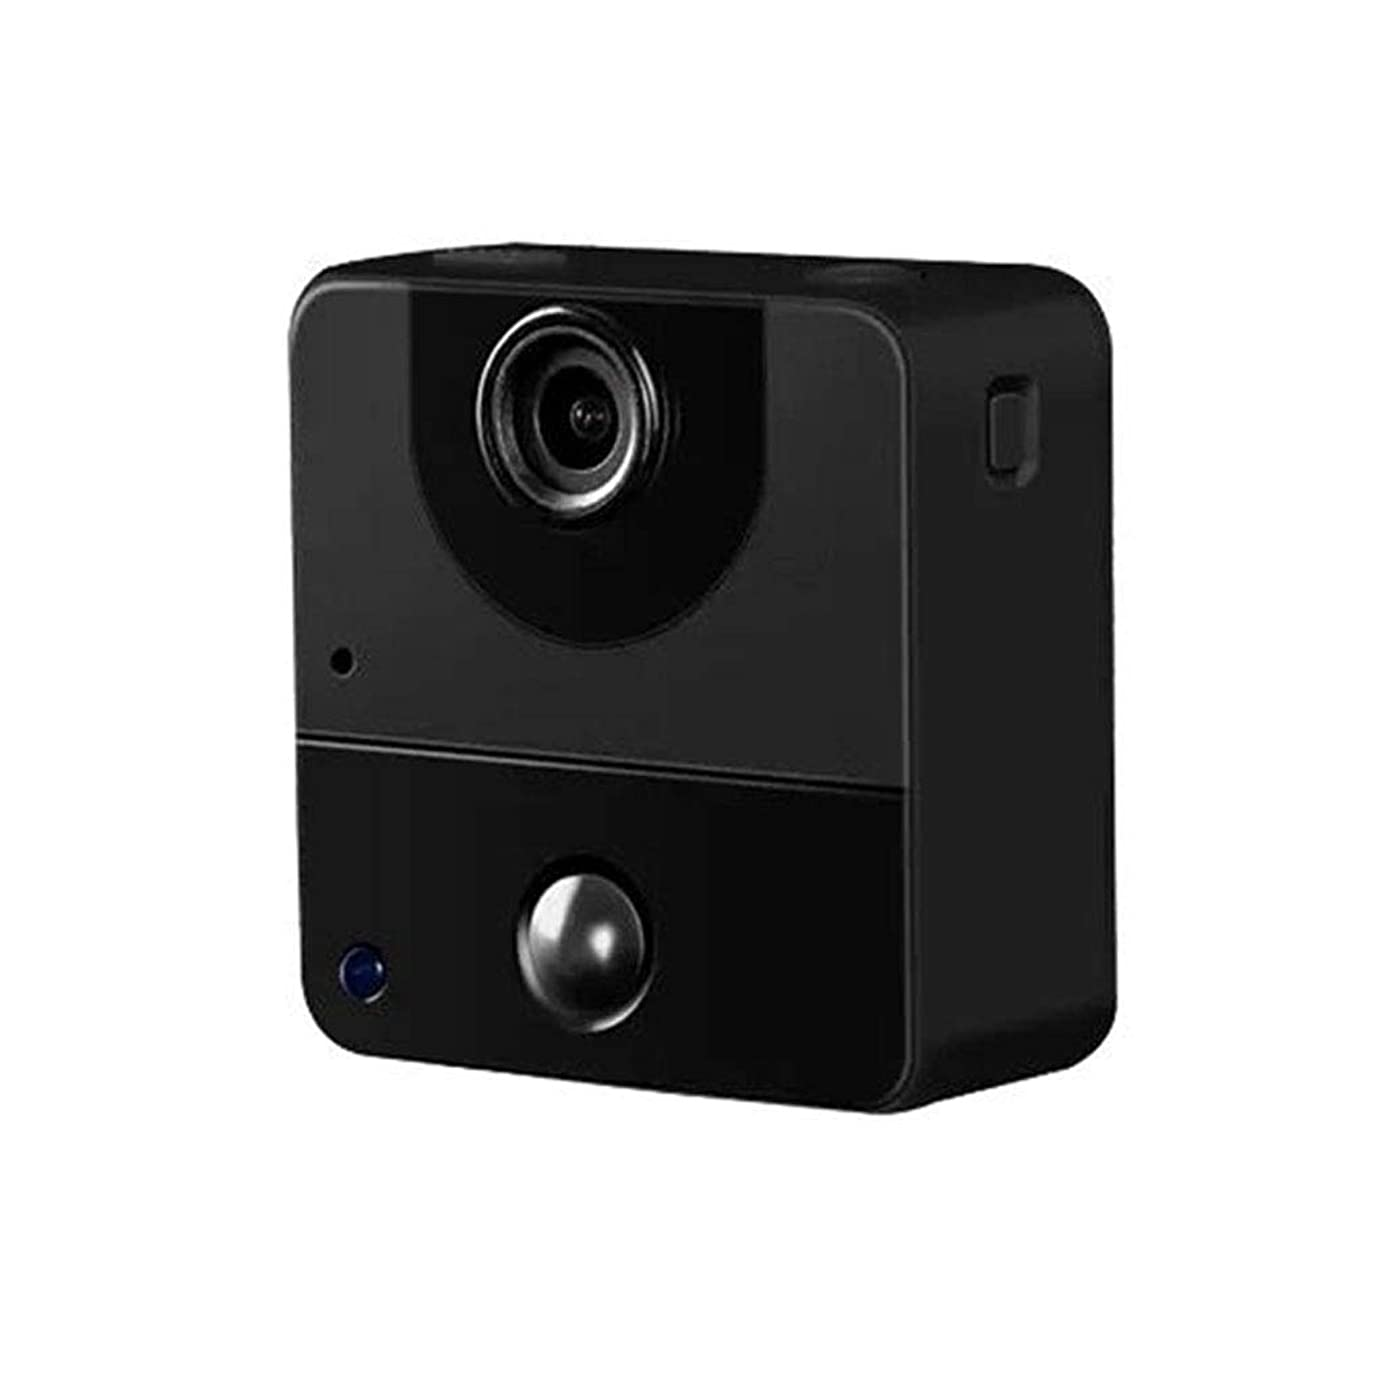 虚栄心法的日の出マイクロカメラ、カメラスポーツ hd カメラ720p ポータブル小型ビデオカメラ、人間の身体センシング、インテリジェントモーション検出、低光ナイトビジョン機能 HD オーディオ小型カメラ,Black